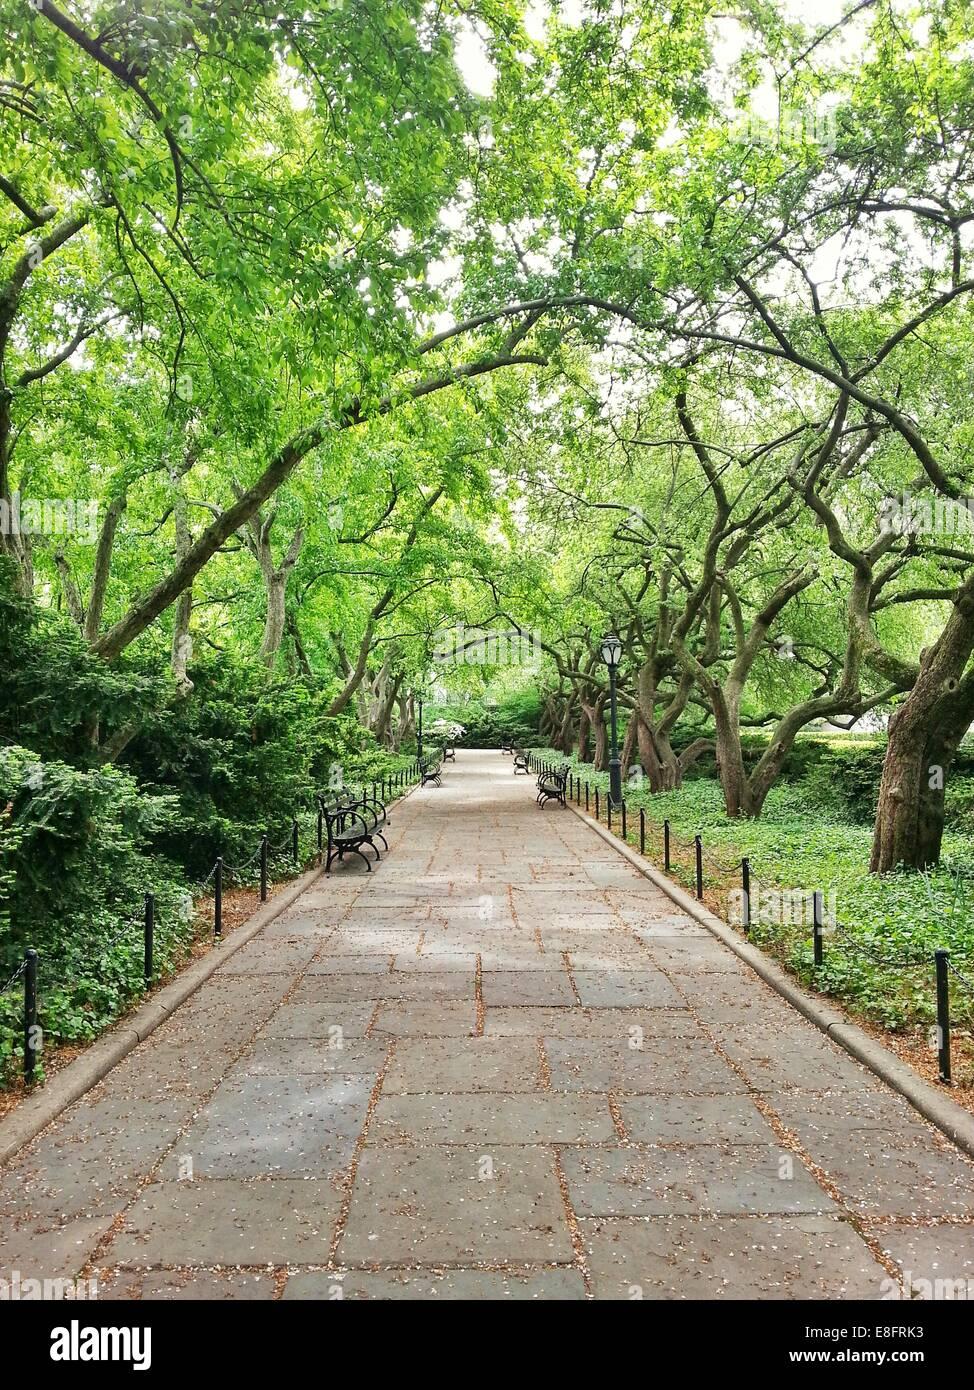 USA, New York State, New York City, Weg im Central Park Stockbild